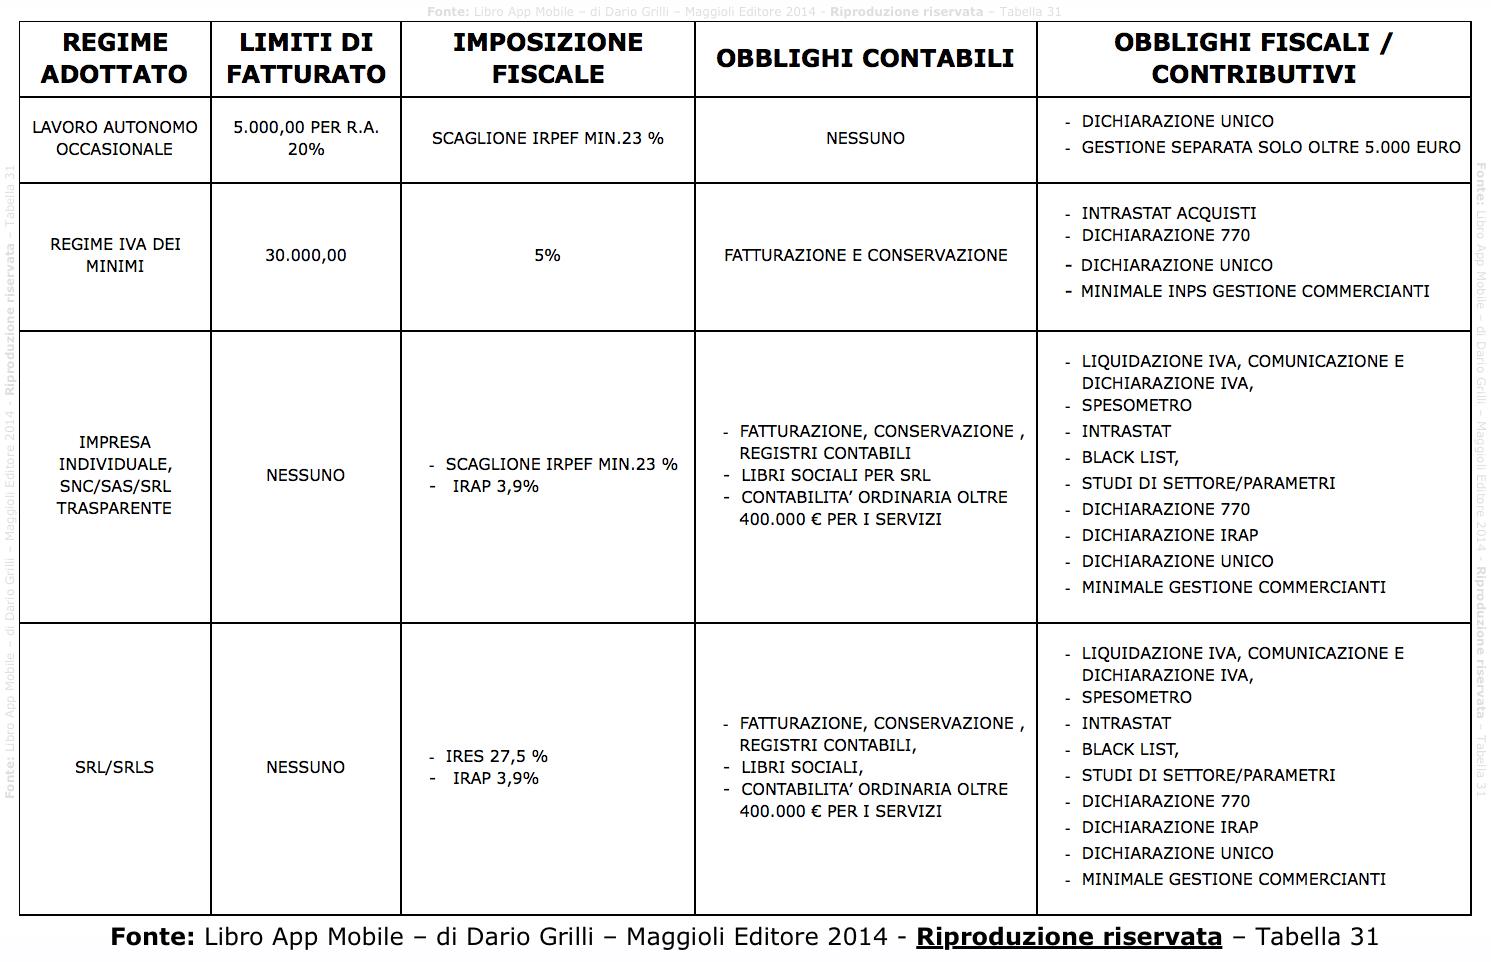 Adempimenti-fiscali-per-sviluppatori-ios-android-Fonte- Libro App Mobile – di Dario Grilli – Maggioli Editore 2014 - Riproduzione riservata – Tabella 31